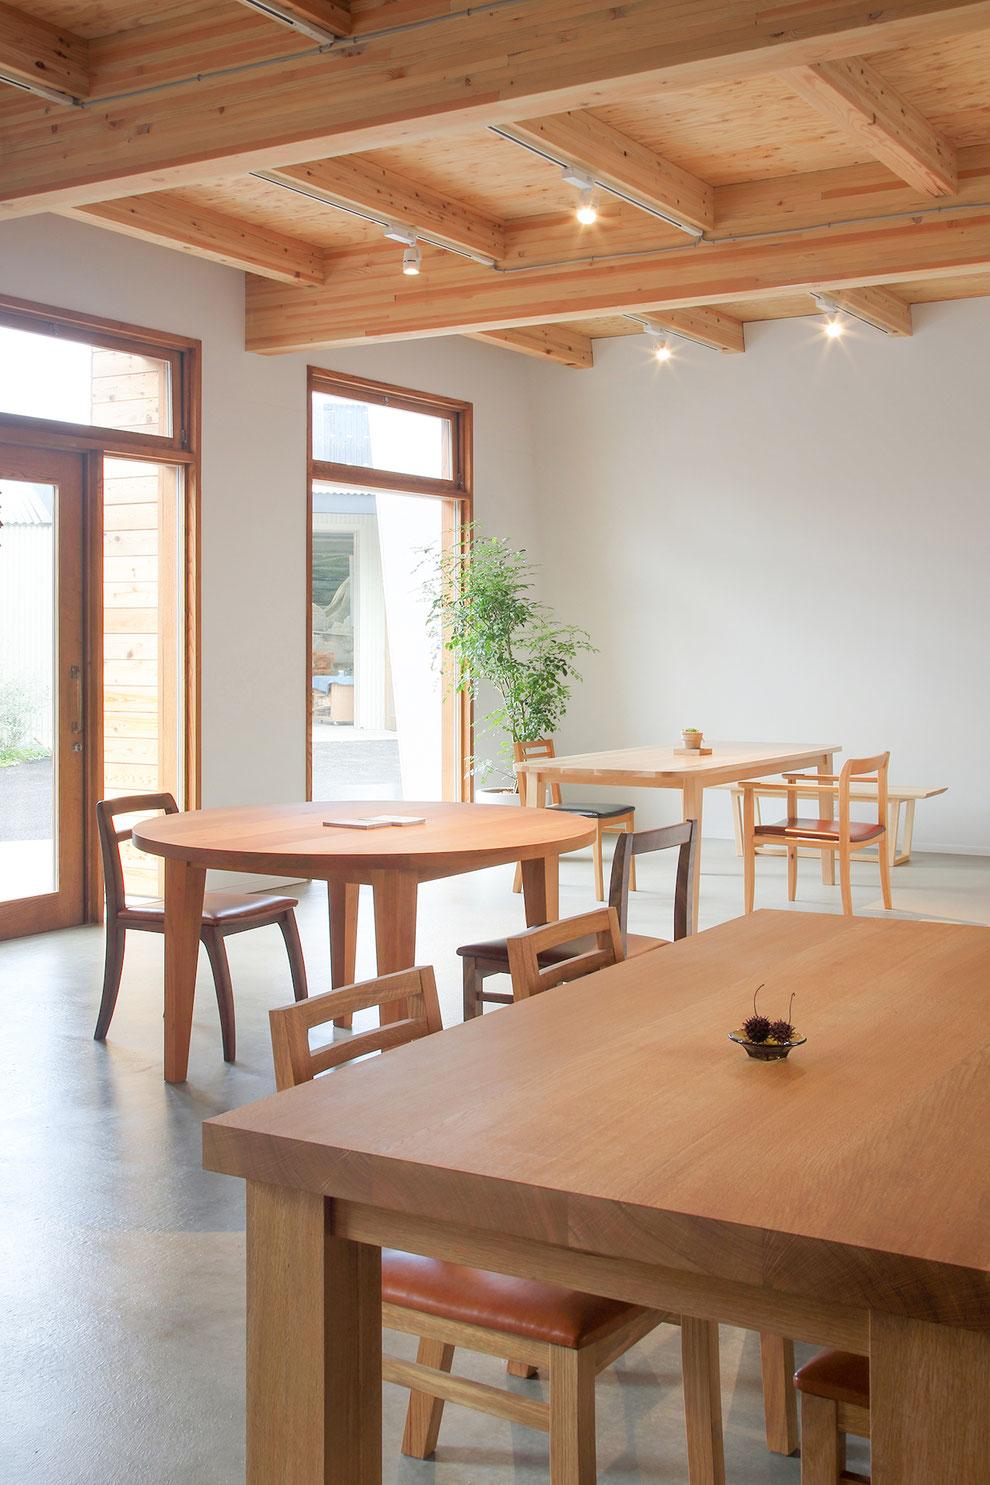 無垢材 天然木 ダイニングテーブル ハンドメイド 家具